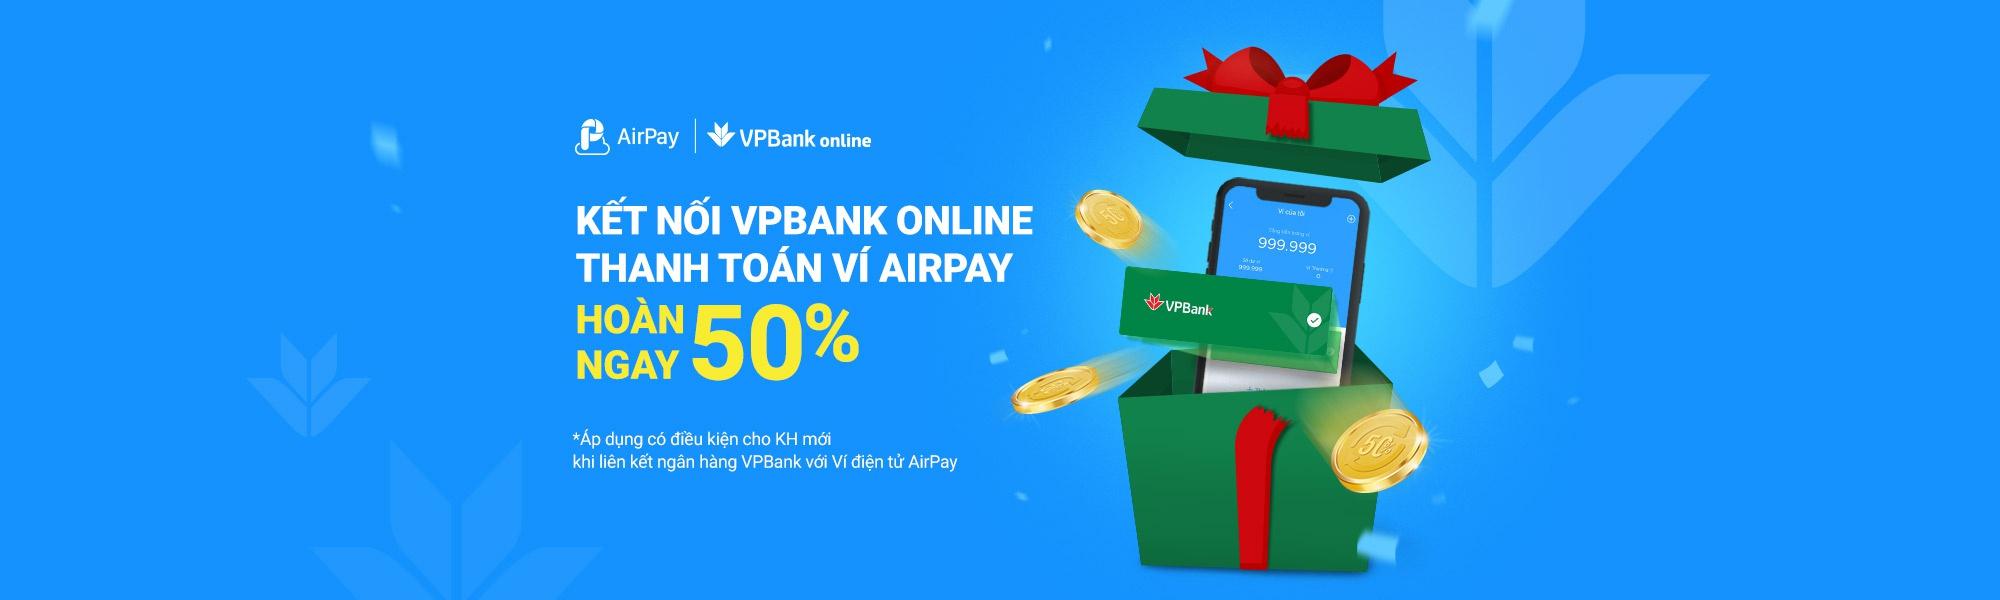 uu-dai-vpbank-online-va-vi-airpay